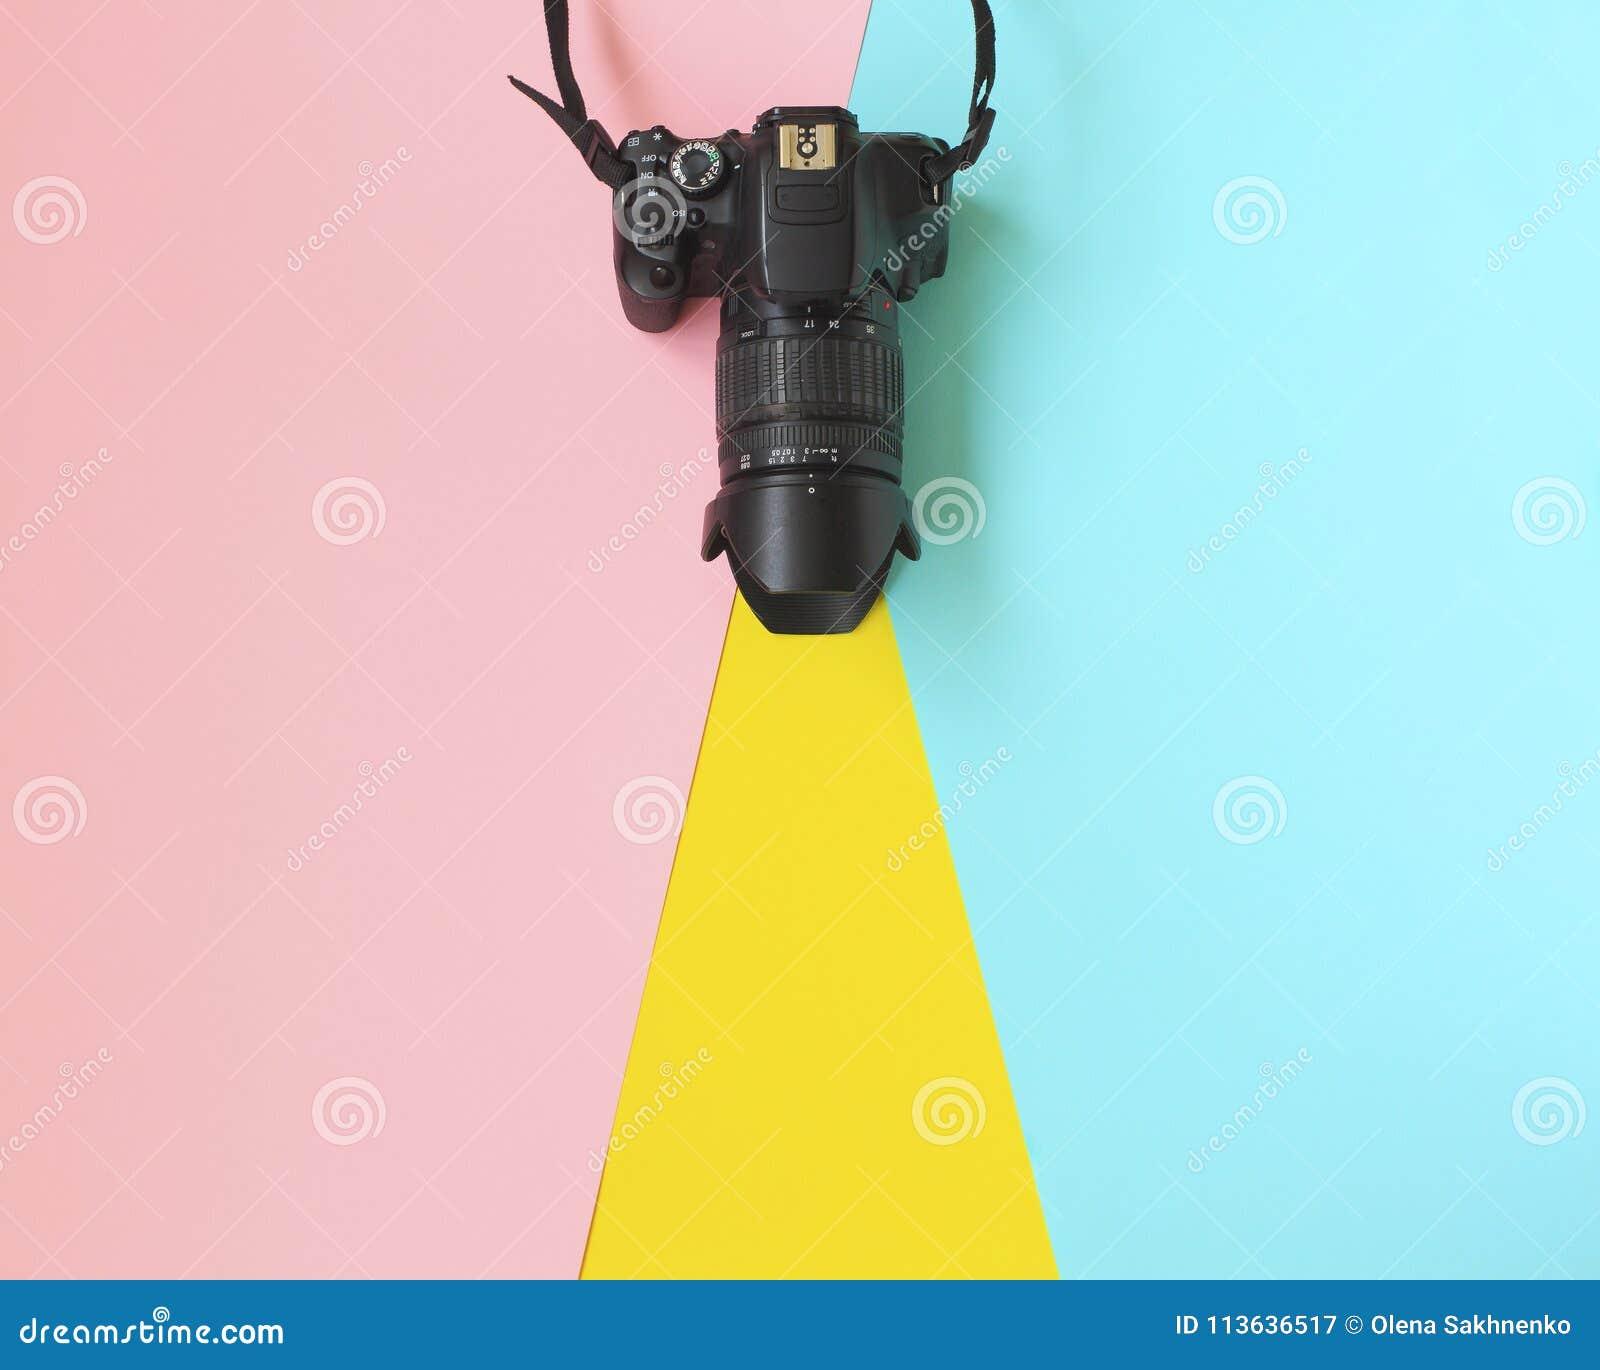 Камера фильма моды Горячие флюиды лета Искусство шипучки камера Аксессуары битника ультрамодные Солнечный натюрморт лета